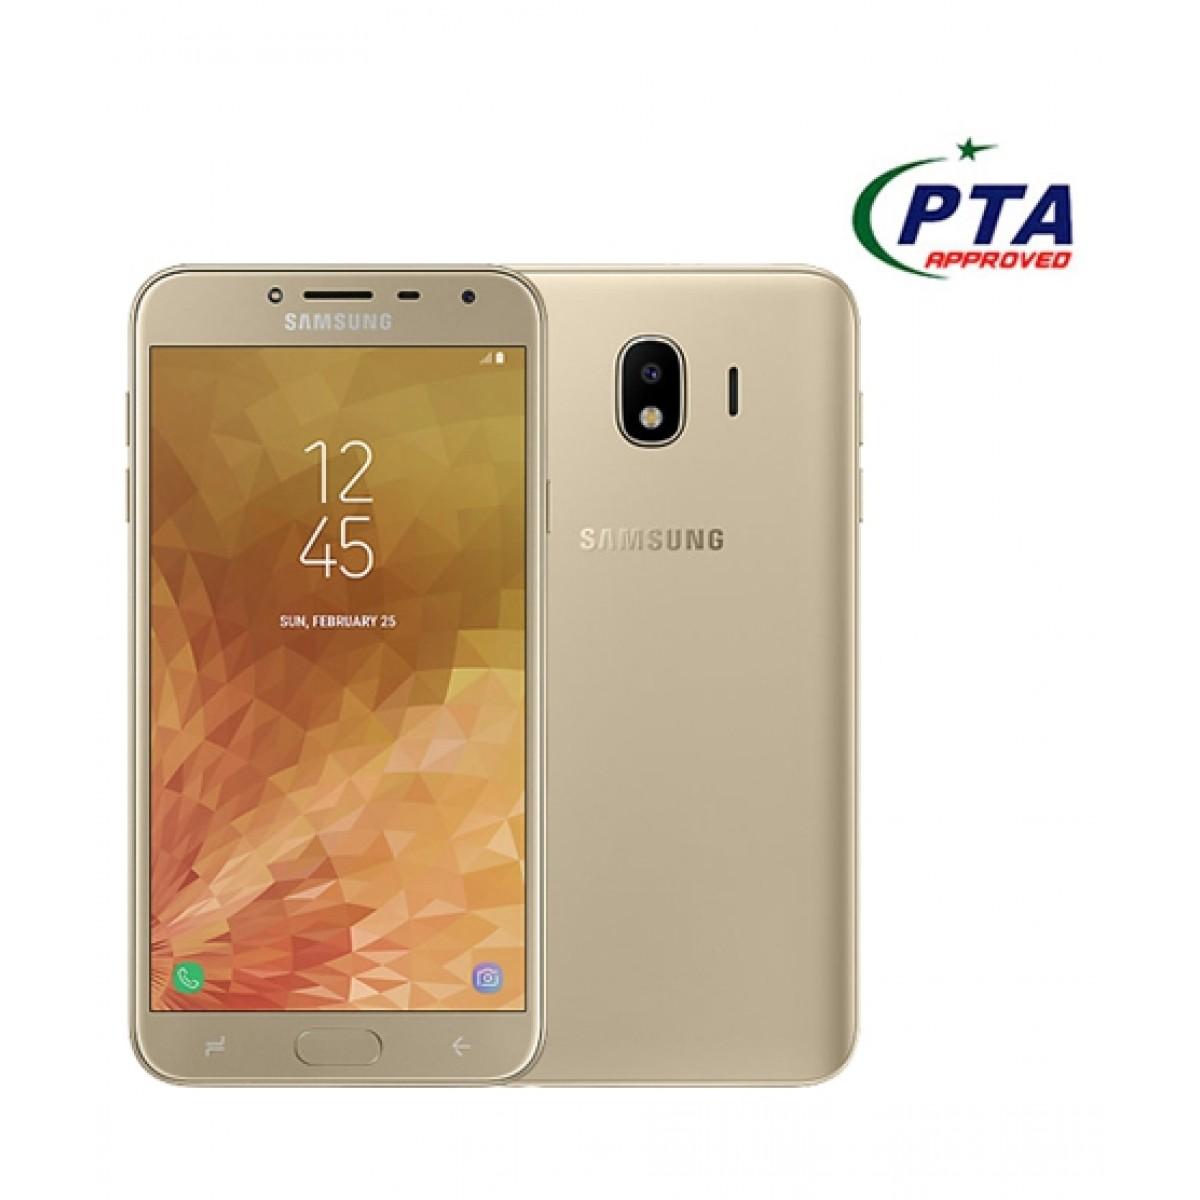 Samsung Galaxy J4 16GB Dual Sim Gold (J400FD) - Official Warranty